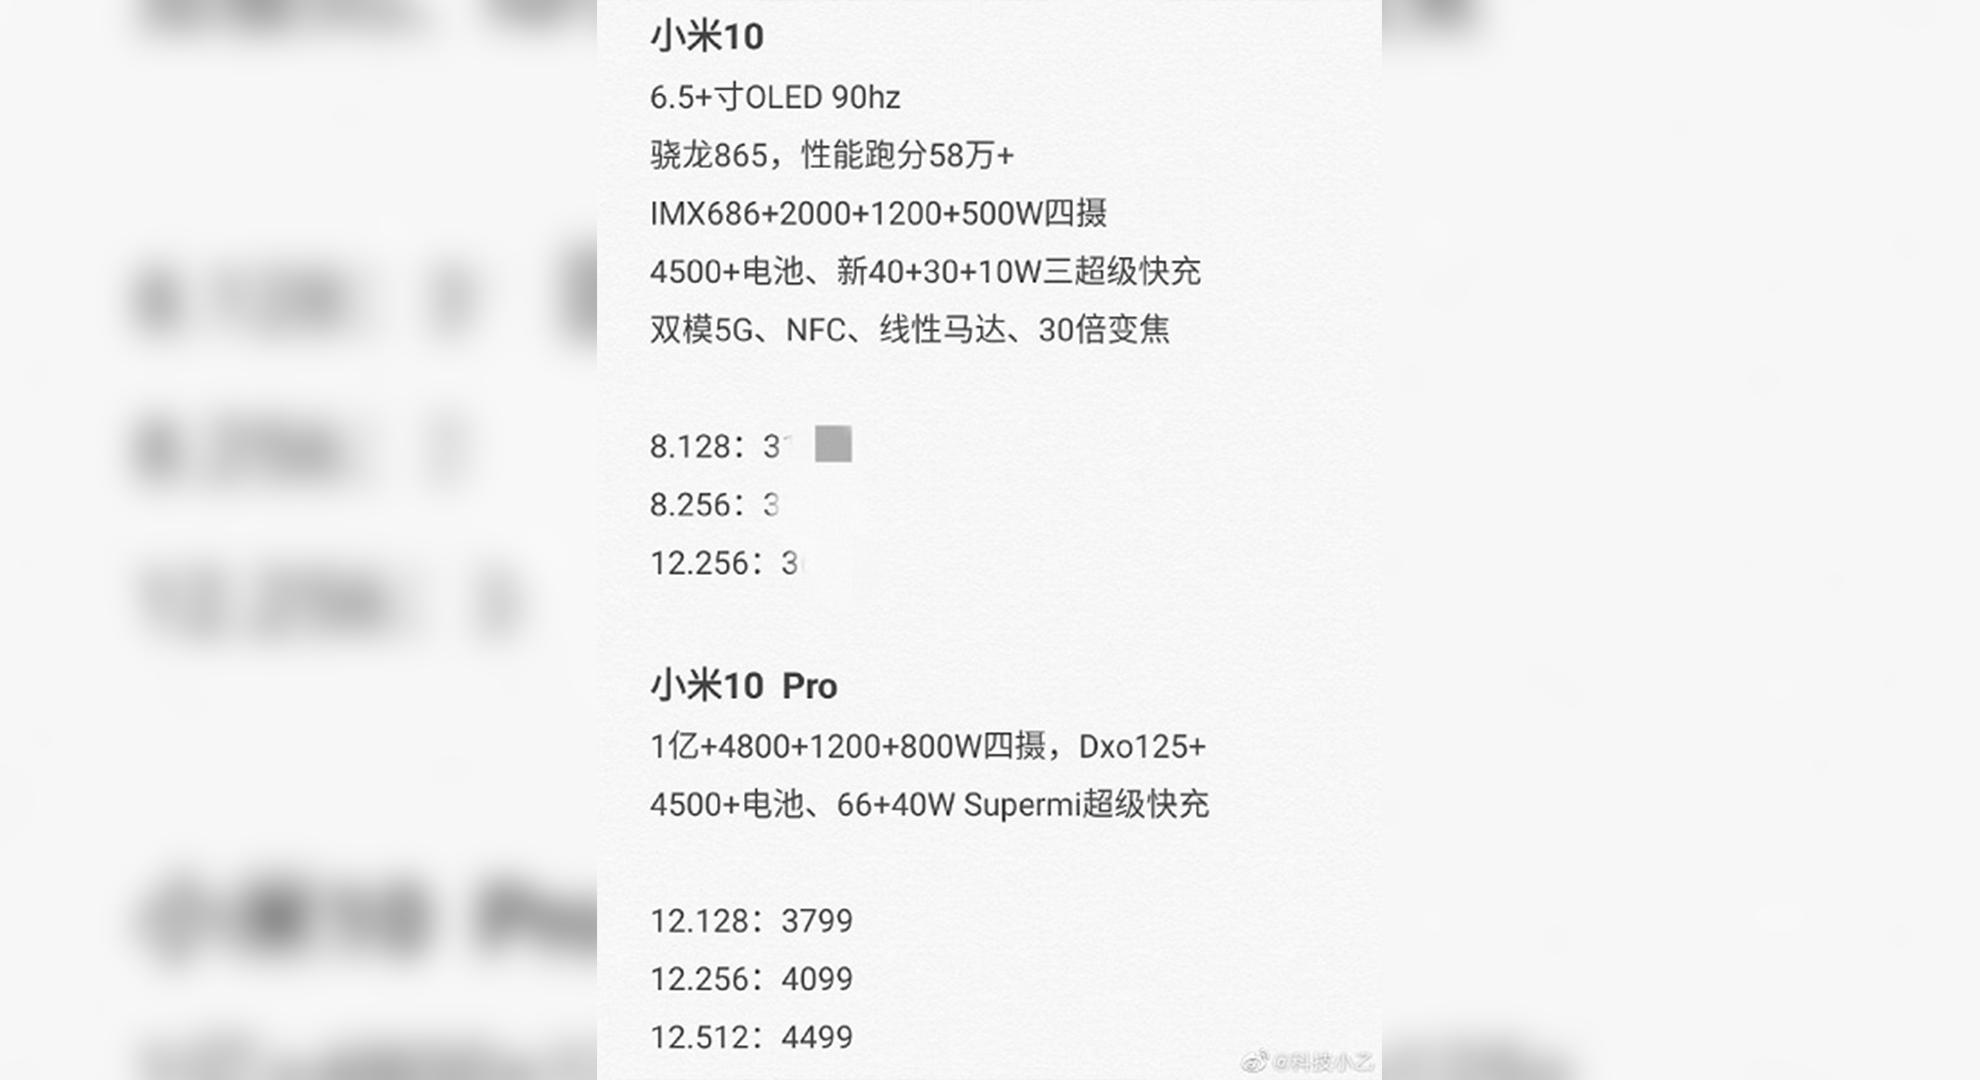 Xiaomi Mi10 иMi10 Pro рассекречены: известны характеристики ицены флагманов